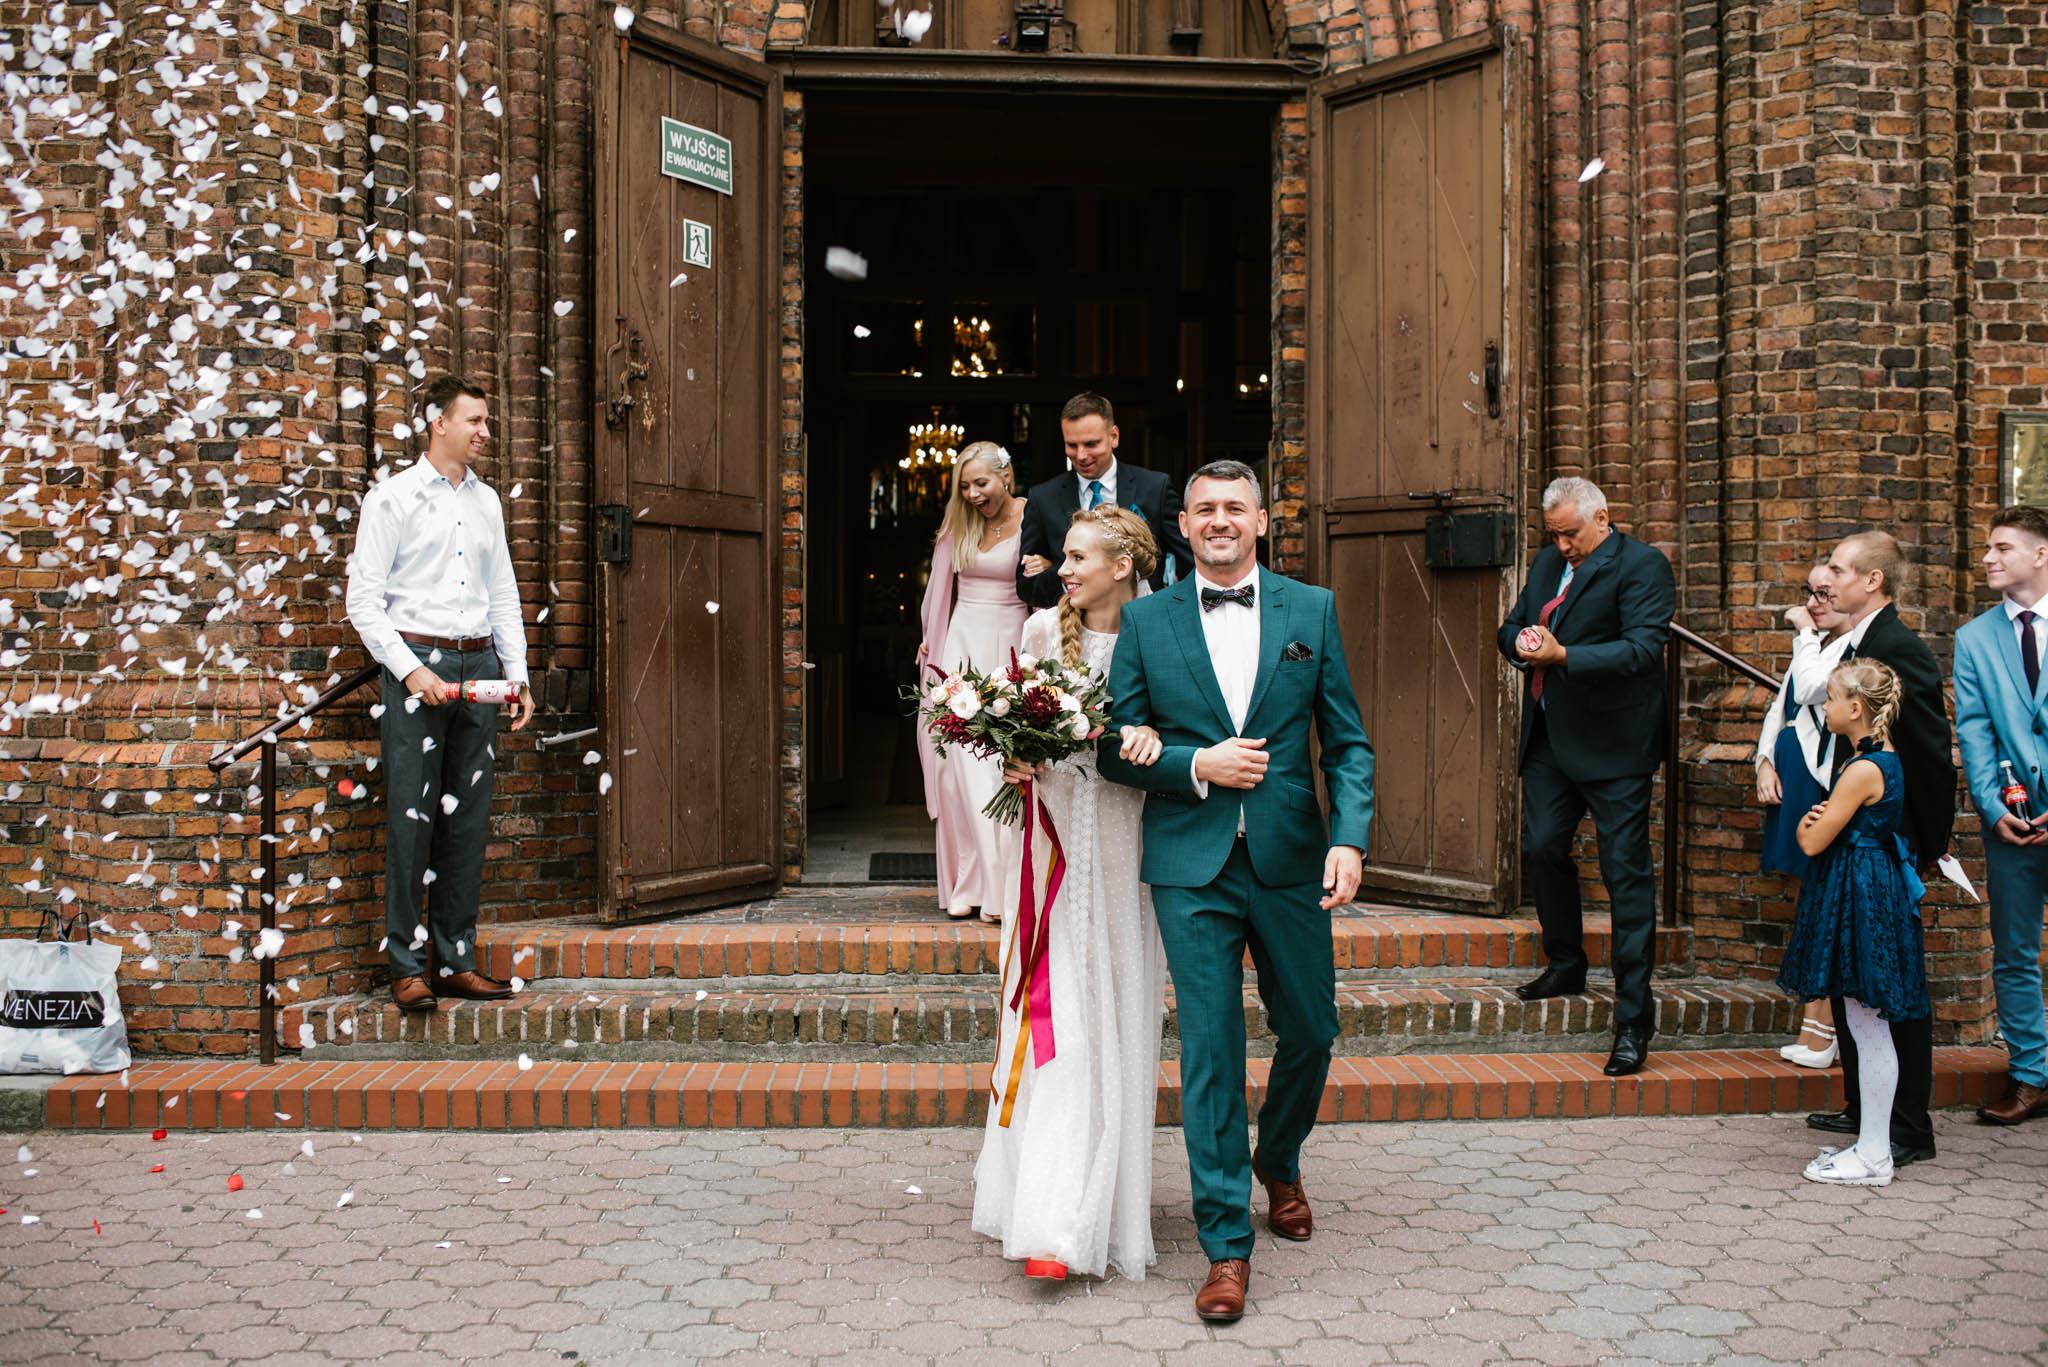 Państwo młodzi wychodzą z kościoła - sesja ślubna na Wyspie Św. Edwarda Zaniemyśl